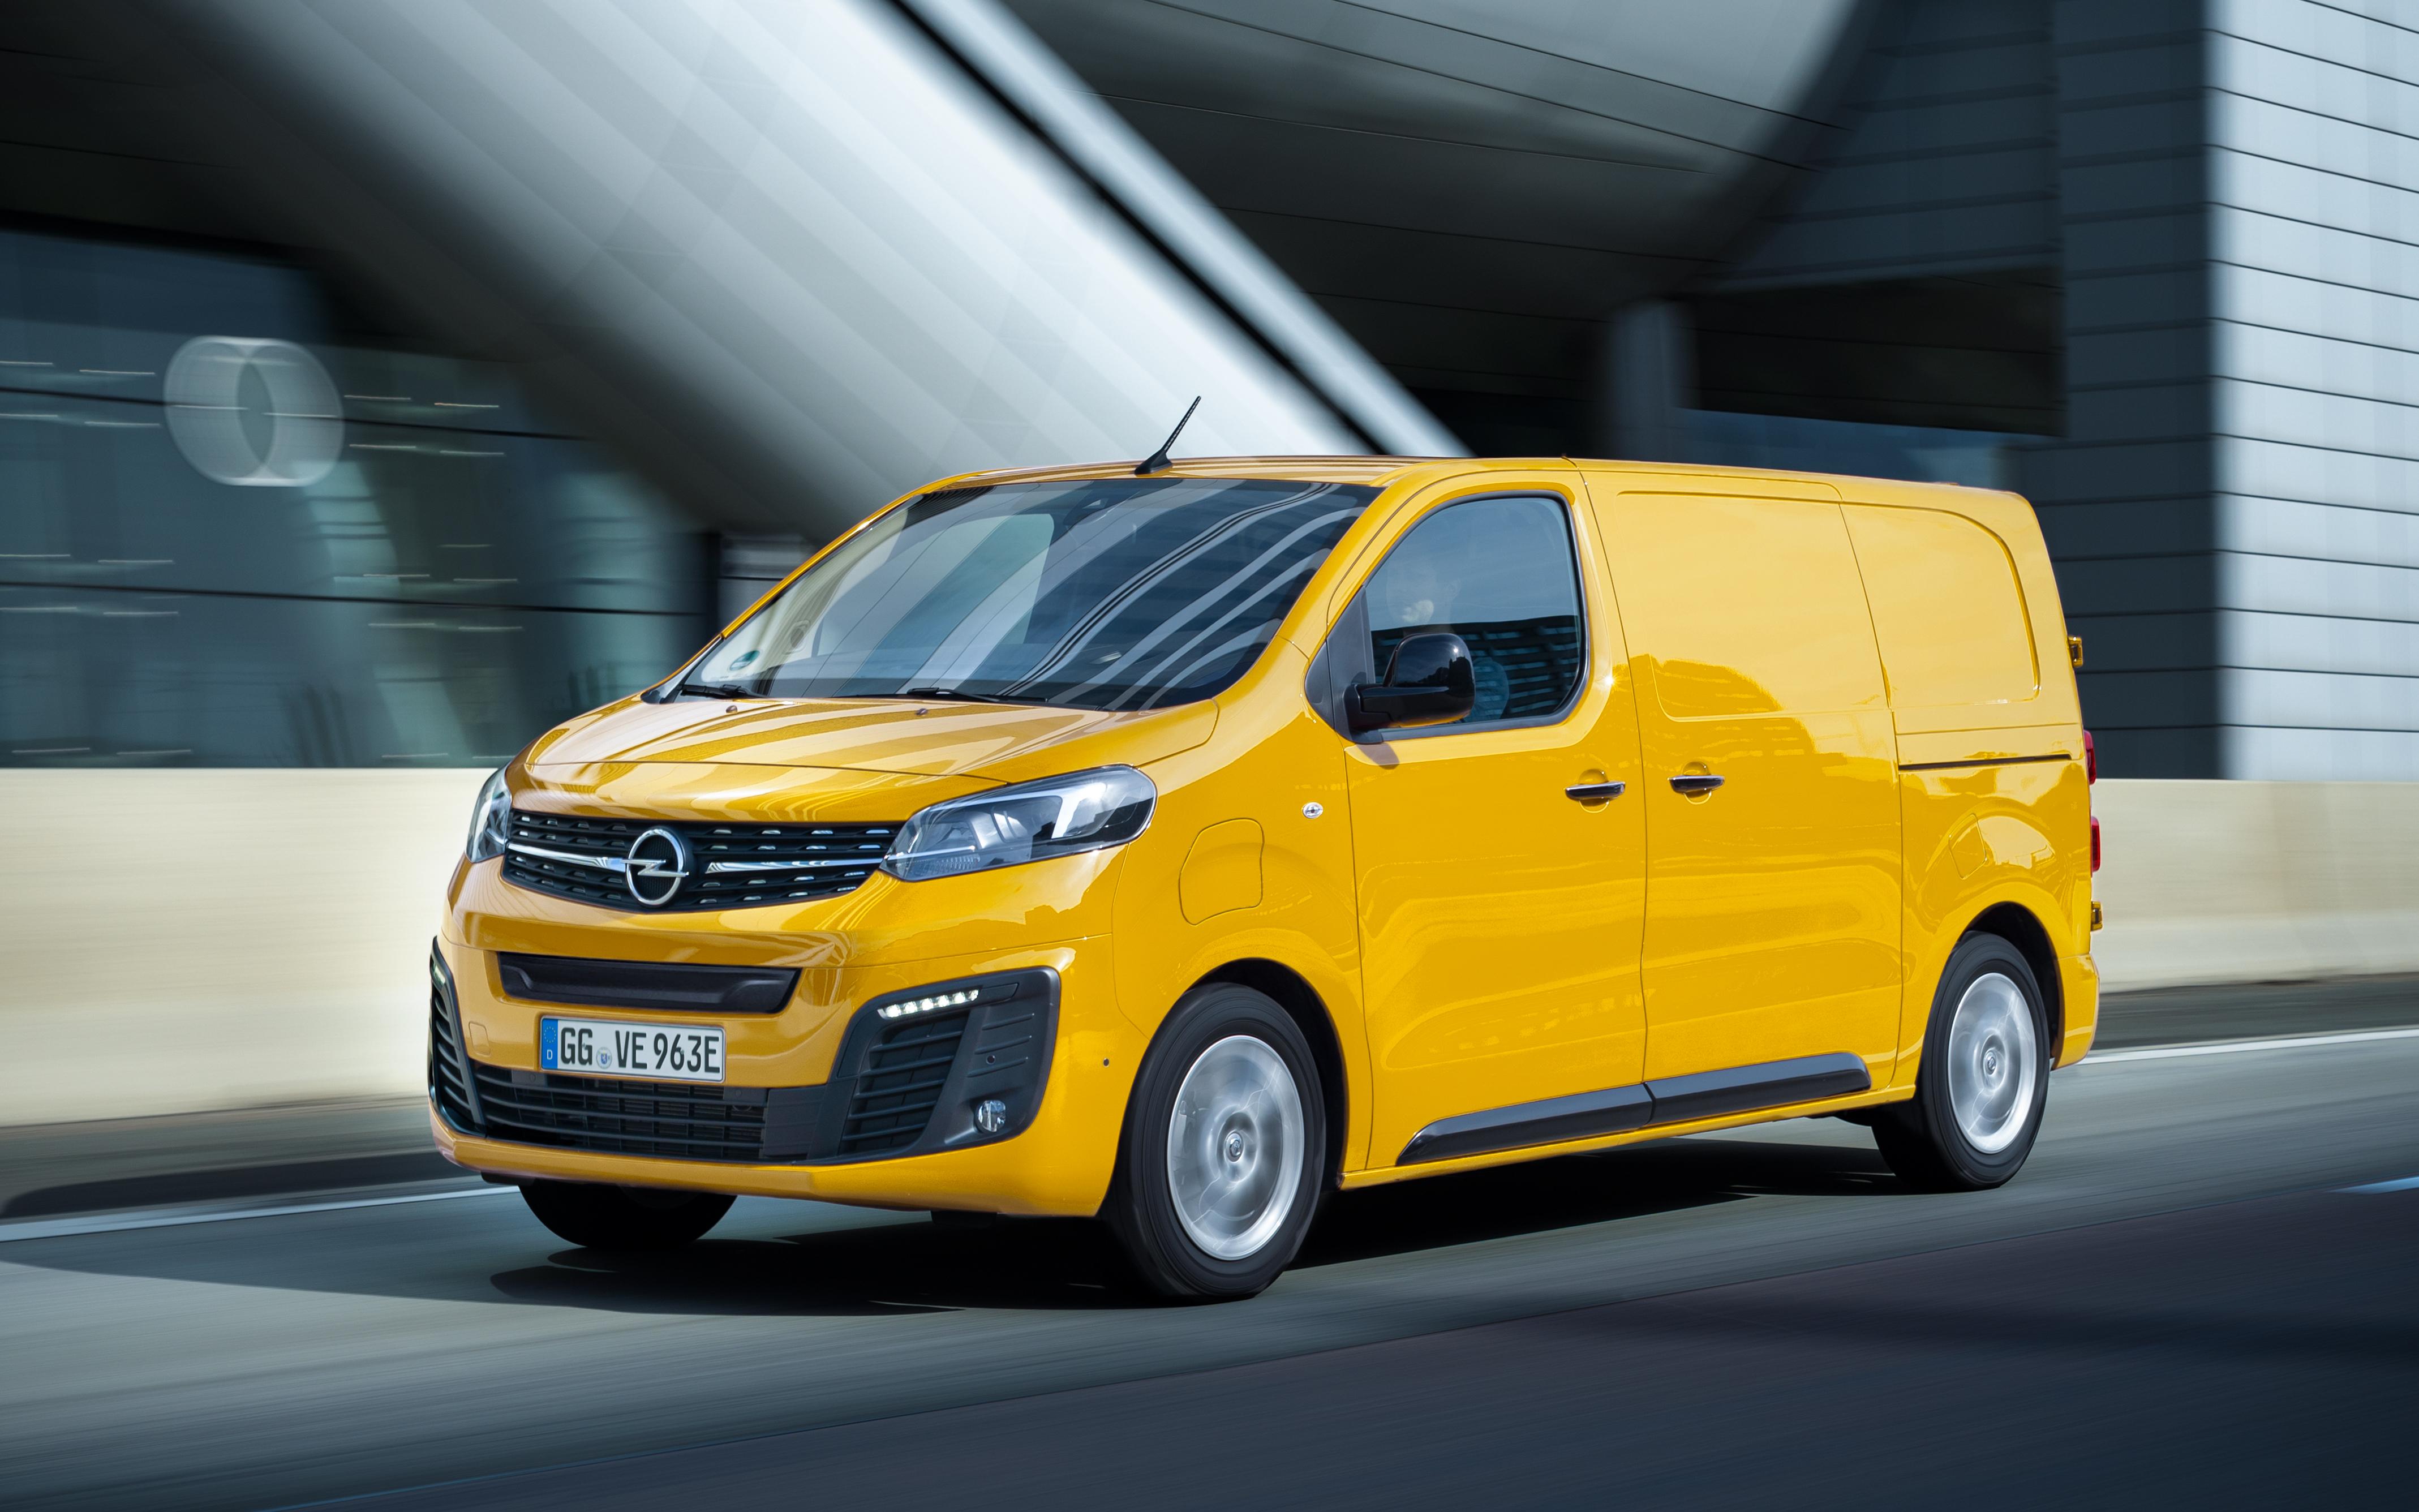 Opel-Vivaro-e-511683_1